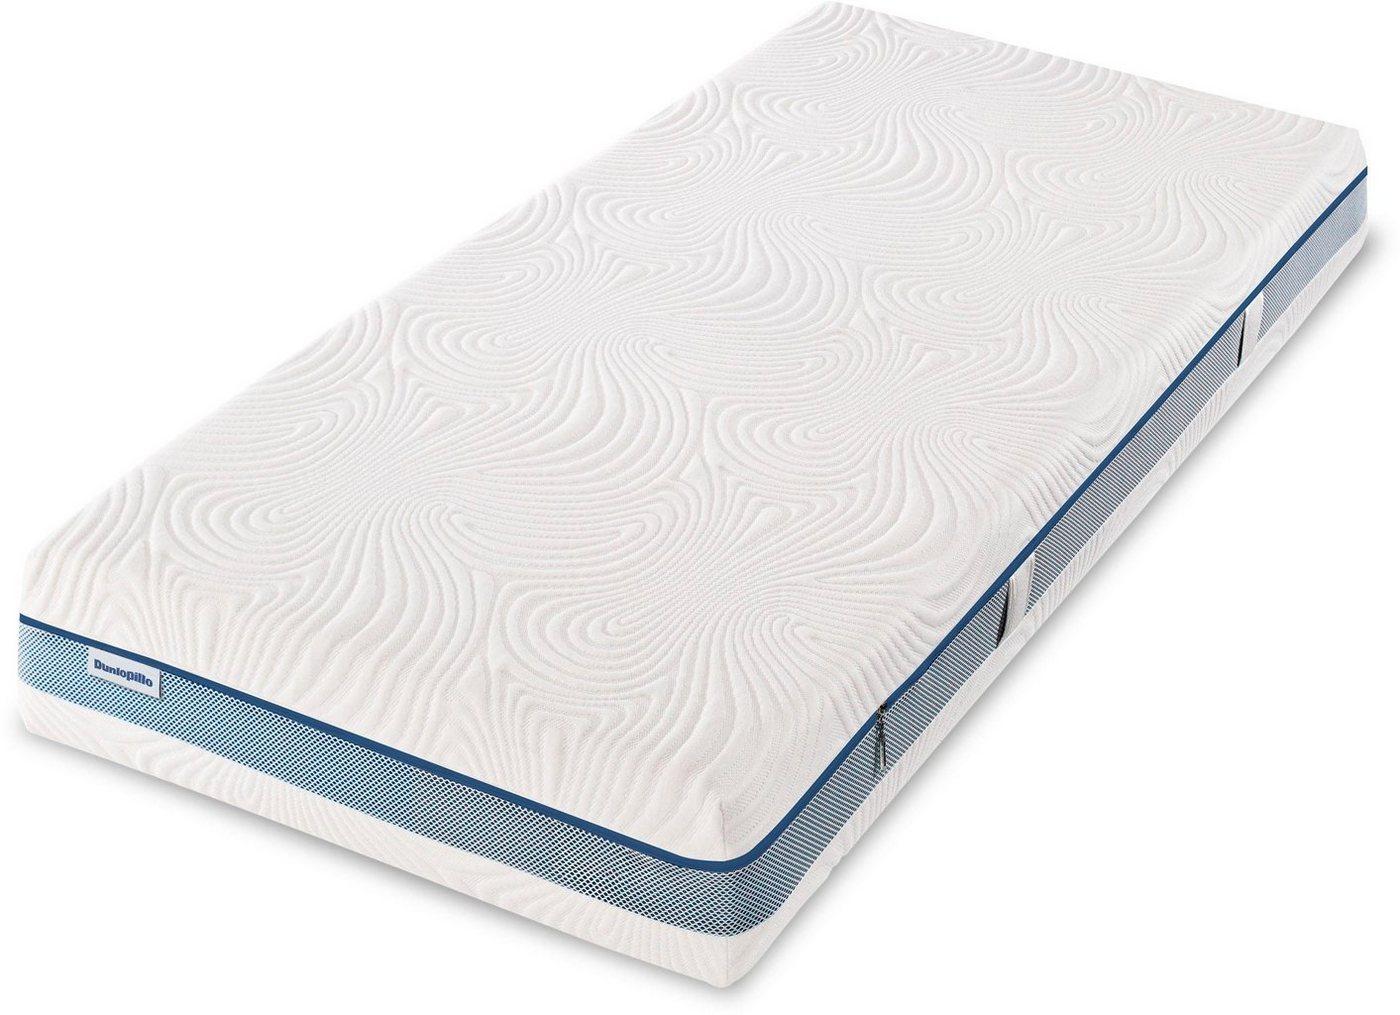 Matratzen - Kaltschaummatratze »Life 4300«, Dunlopillo, 20 cm hoch, Raumgewicht 40, 0 Federn  - Onlineshop OTTO